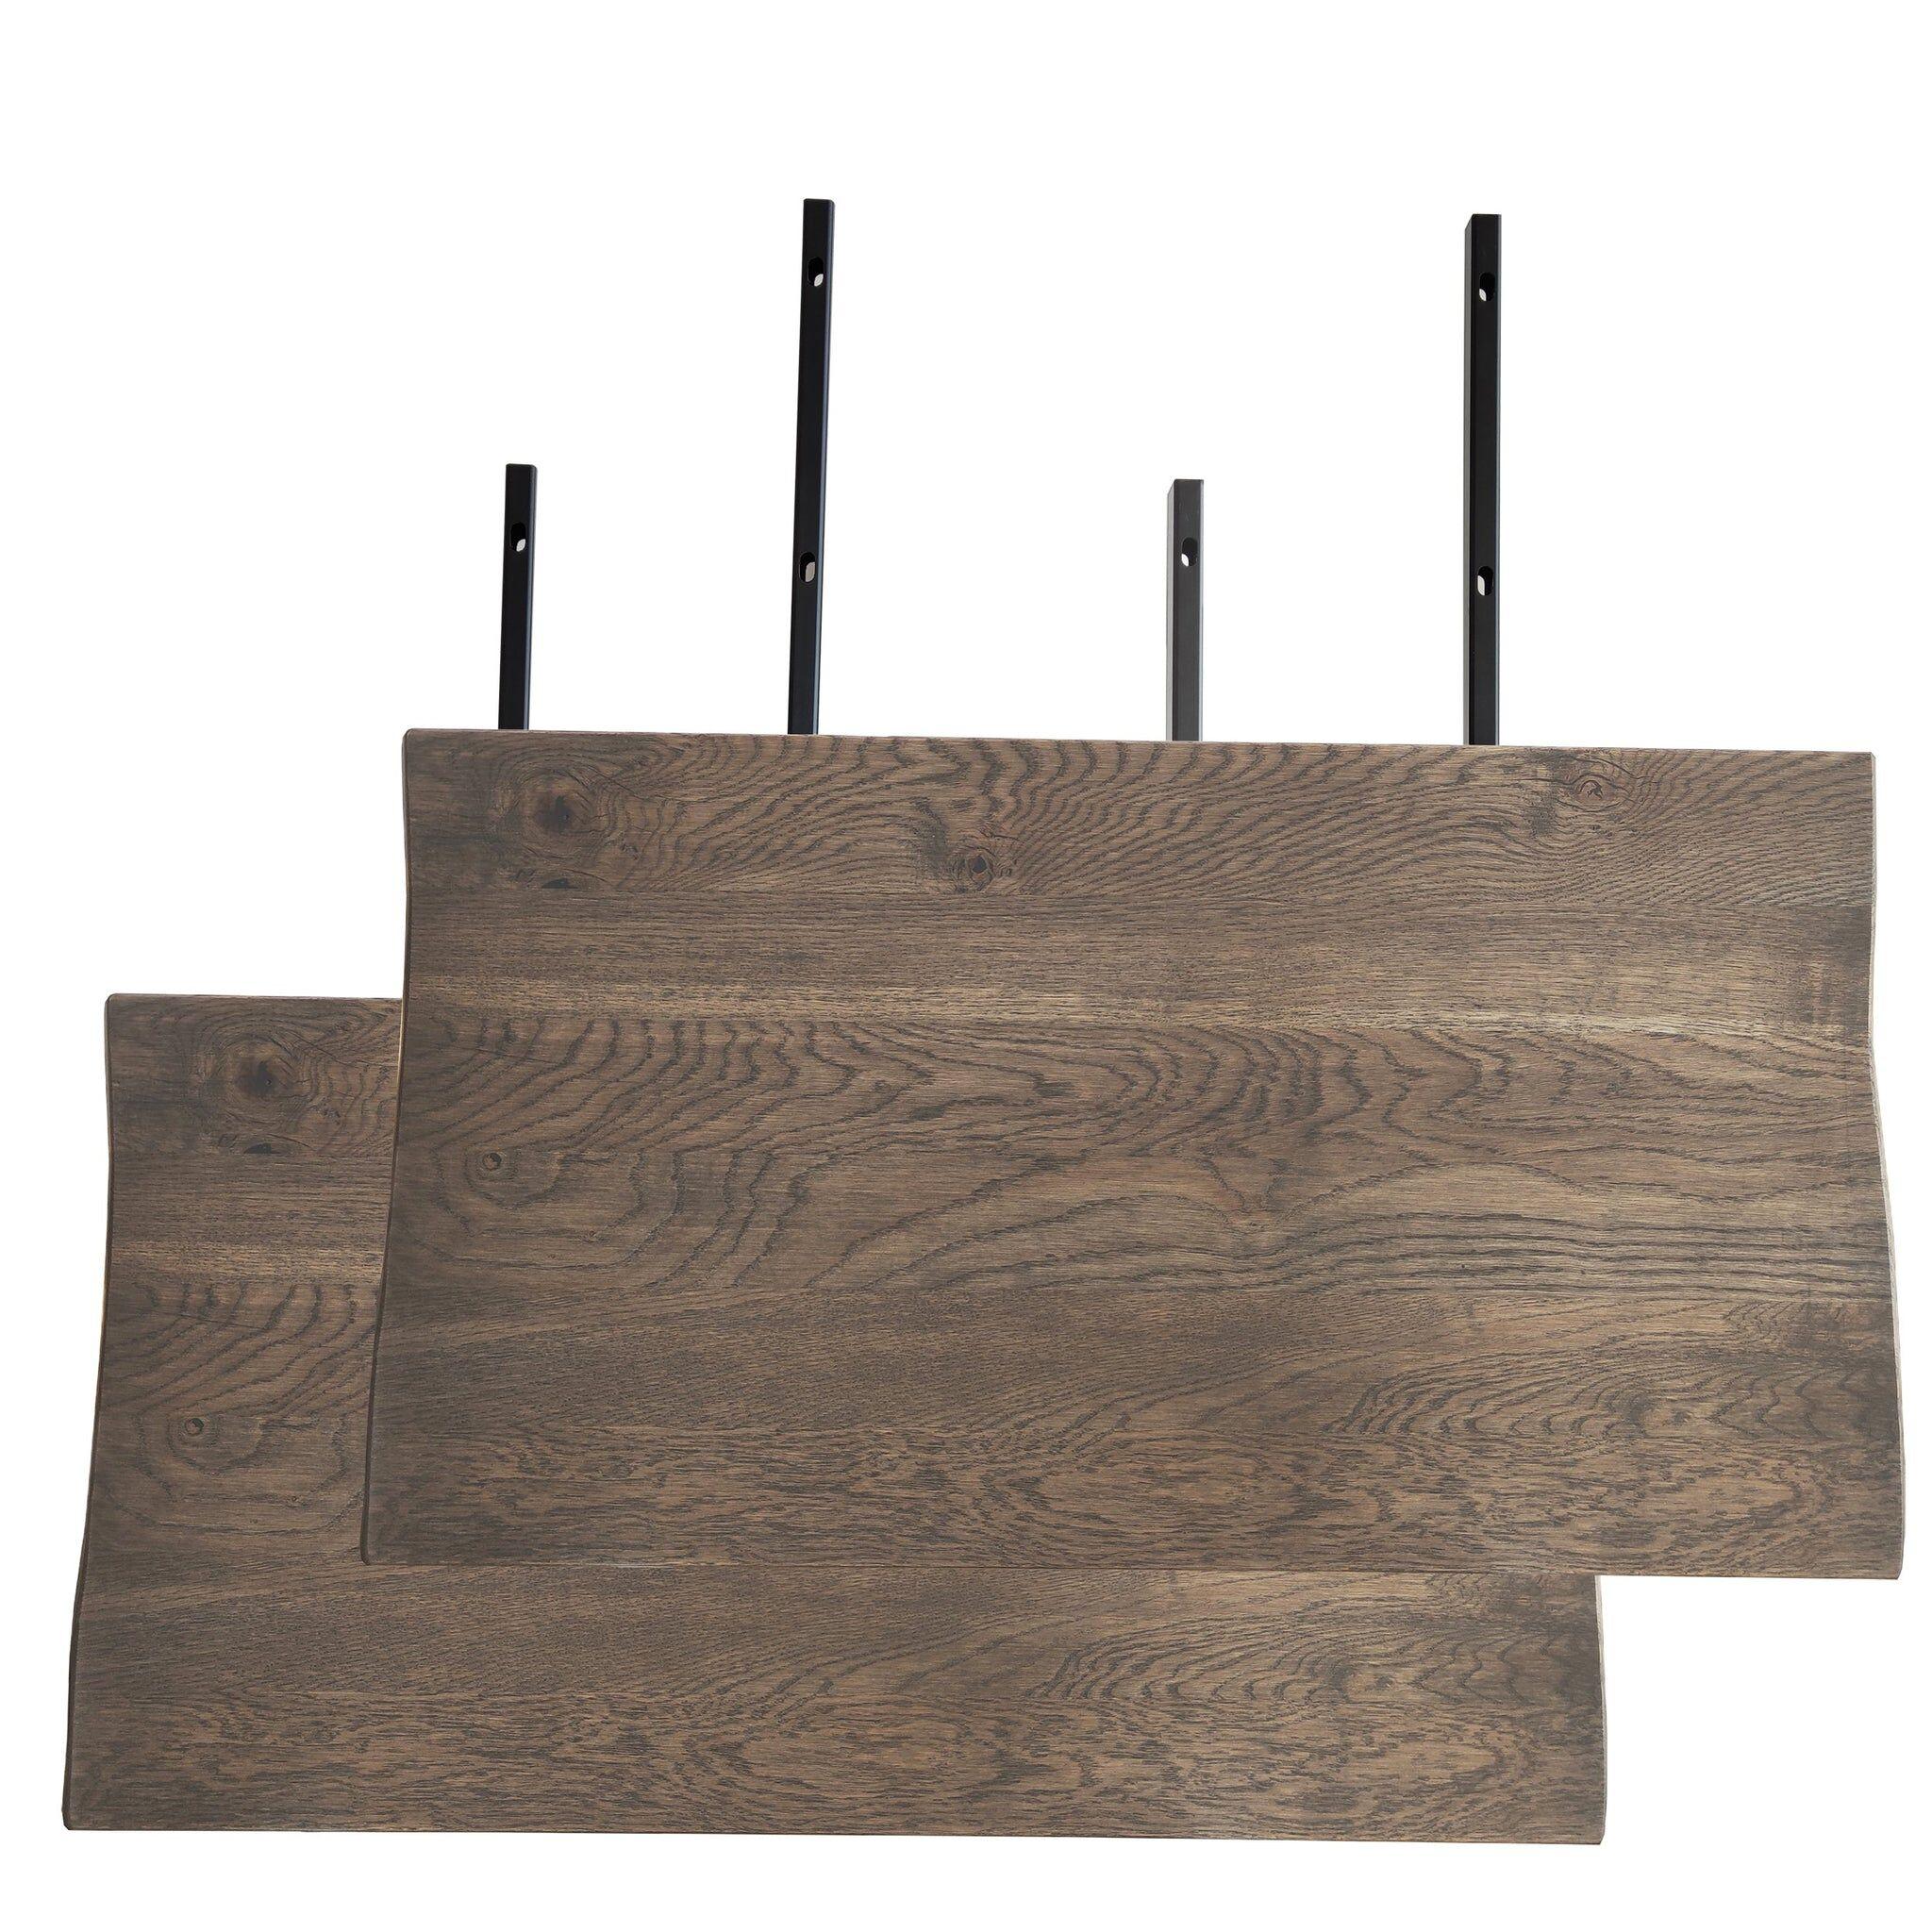 Nimara.dk Tillægsplader (2 Stk) Til Torino Plankebord - Smoked Olieret Egetræ